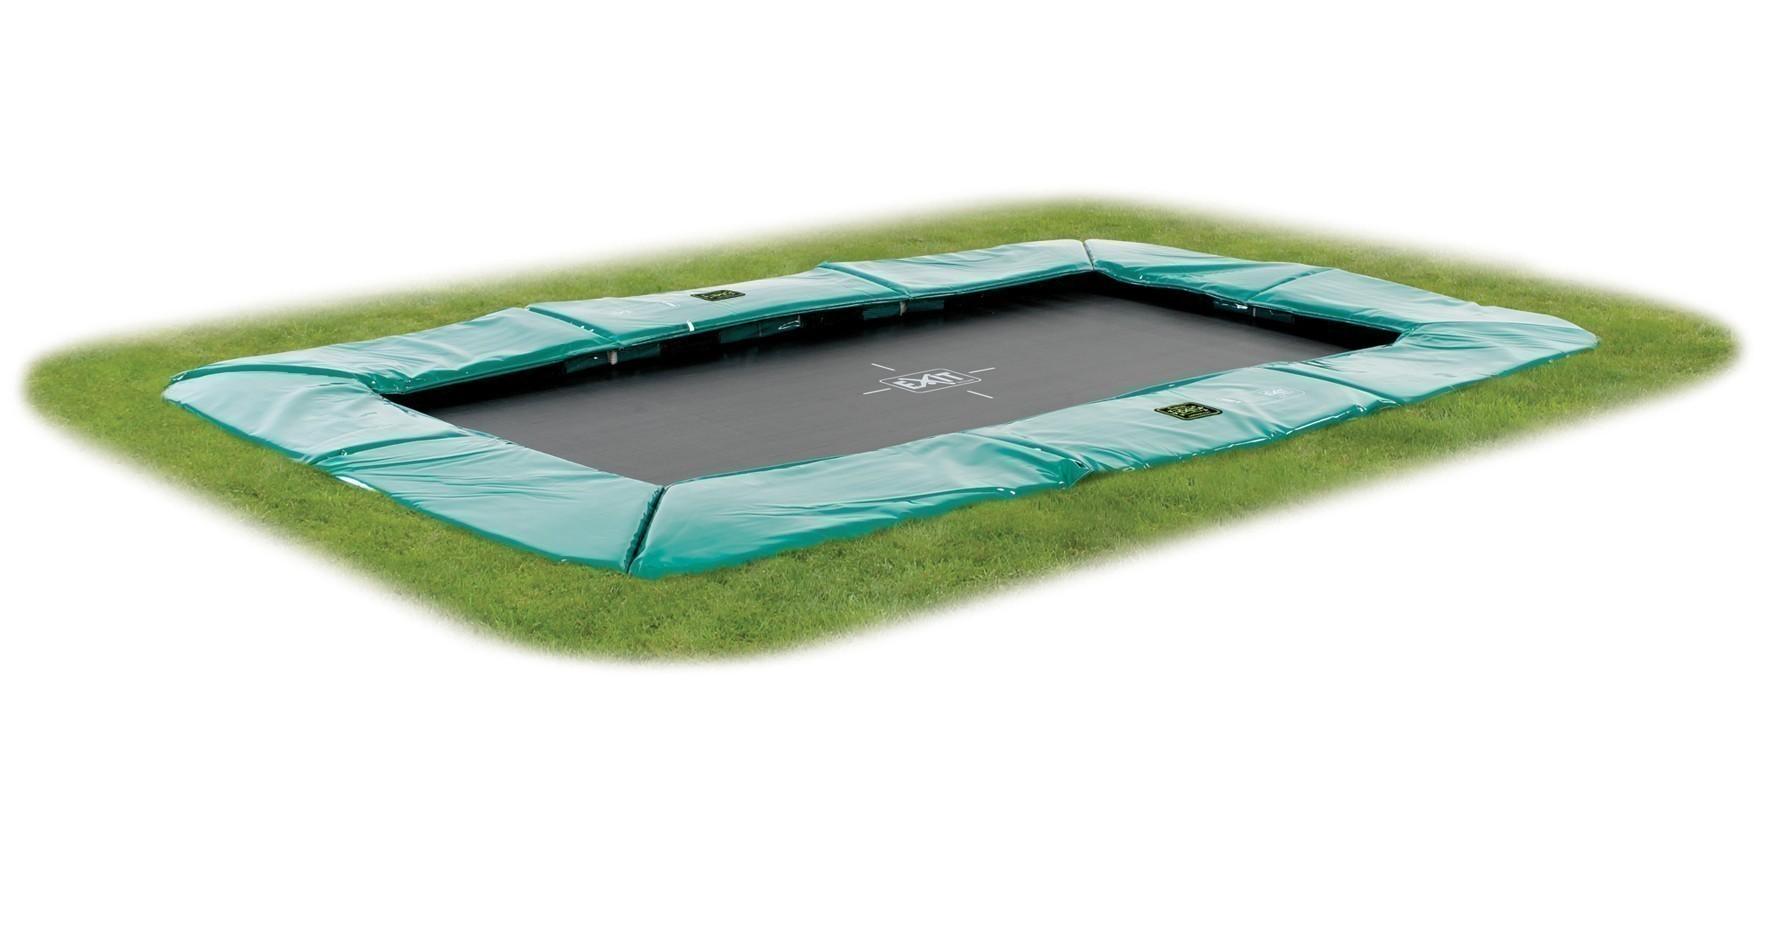 Trampolin EXIT Supreme Ground Level rechteckig 244x427cm grün Bild 1